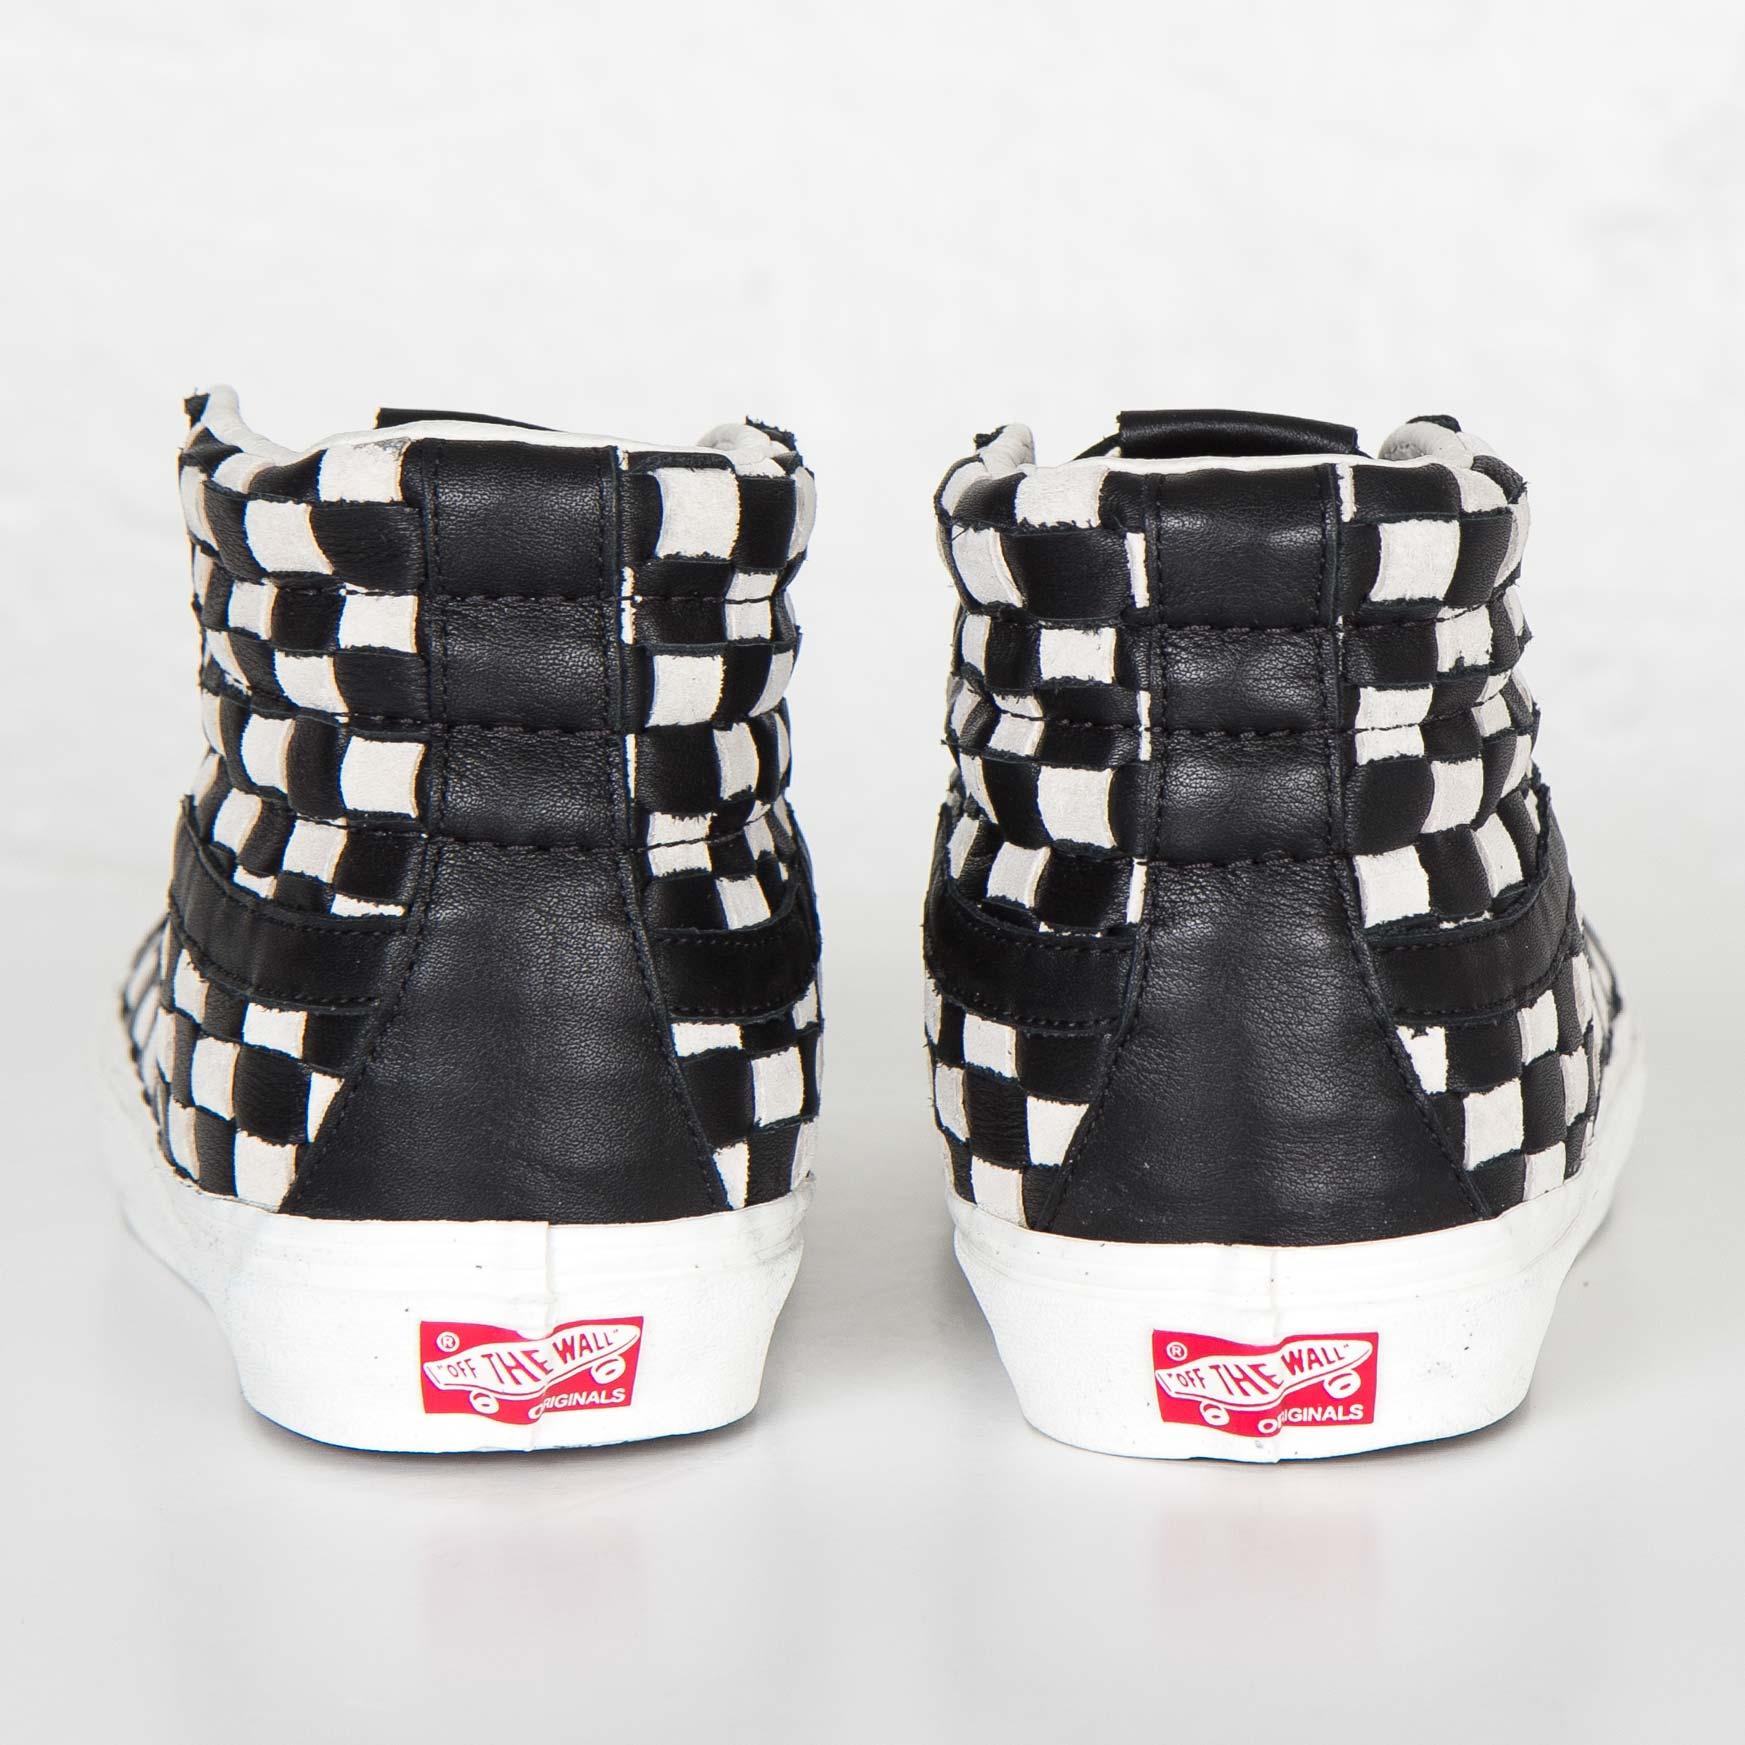 264bddb693 Vans OG Sk8-Hi LX - V3t0ily - Sneakersnstuff